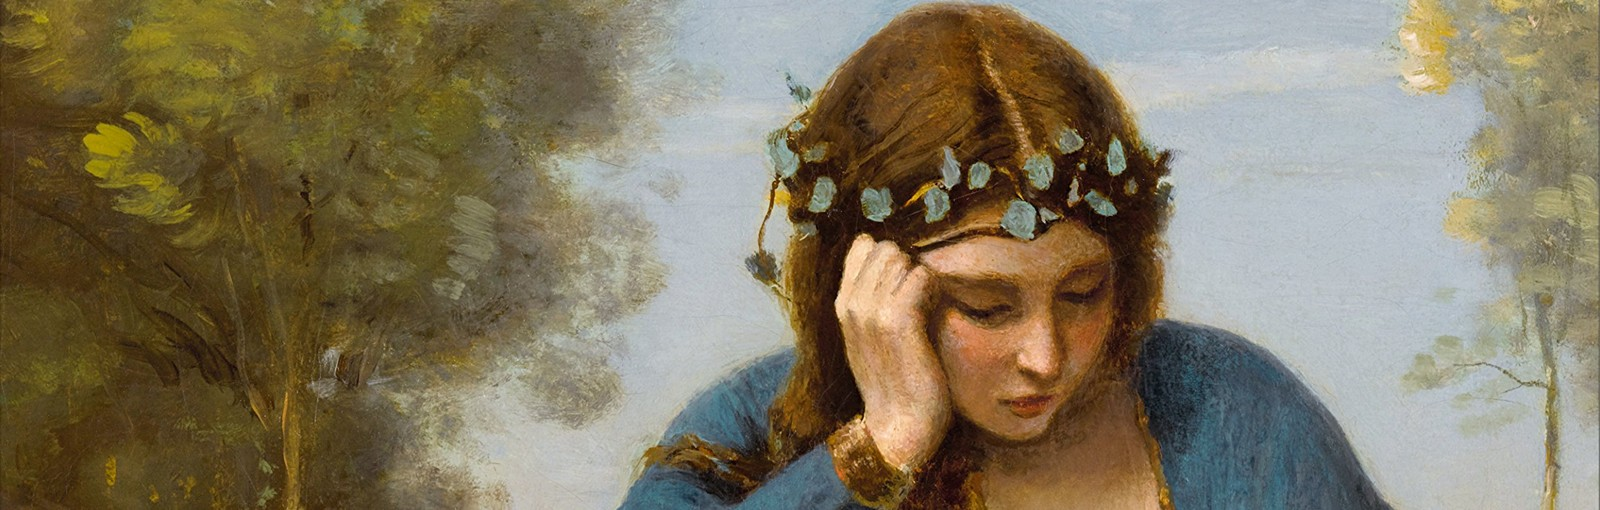 Tours Exposition Corot, Le peintre et ses Modèles - Expositions temporaires - Visites de Paris